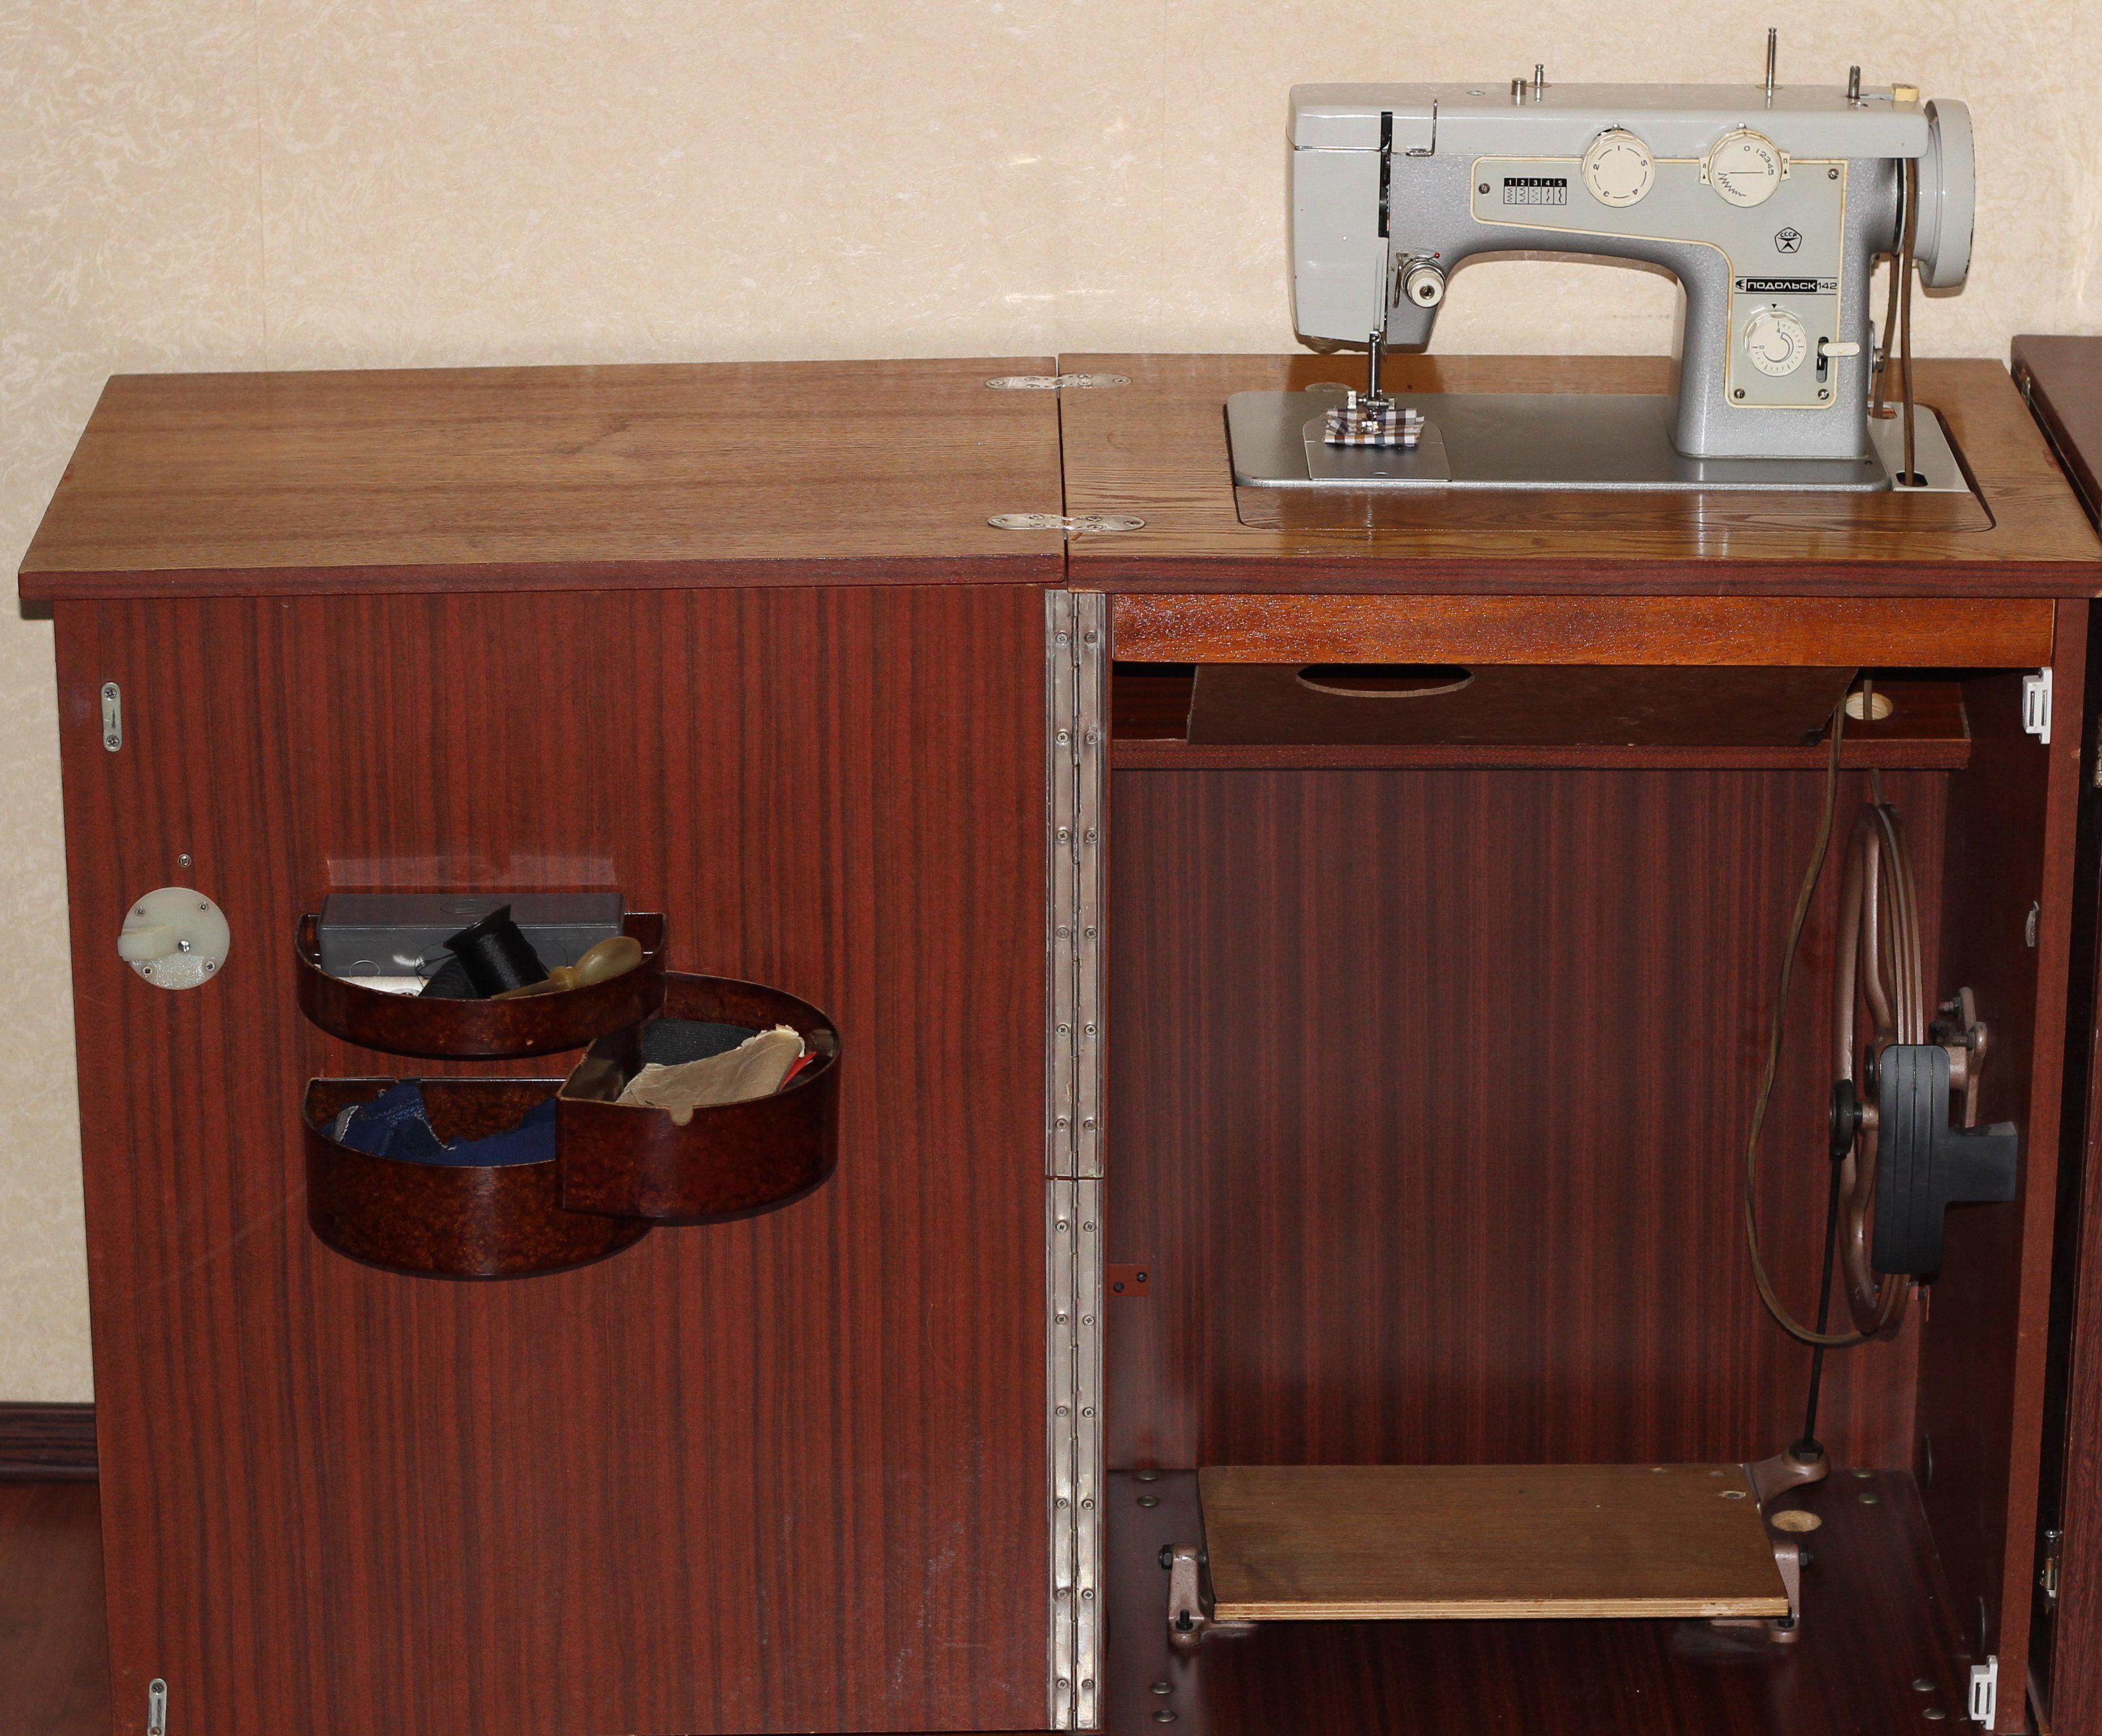 швейная машинка в тумбе картинки если нашли